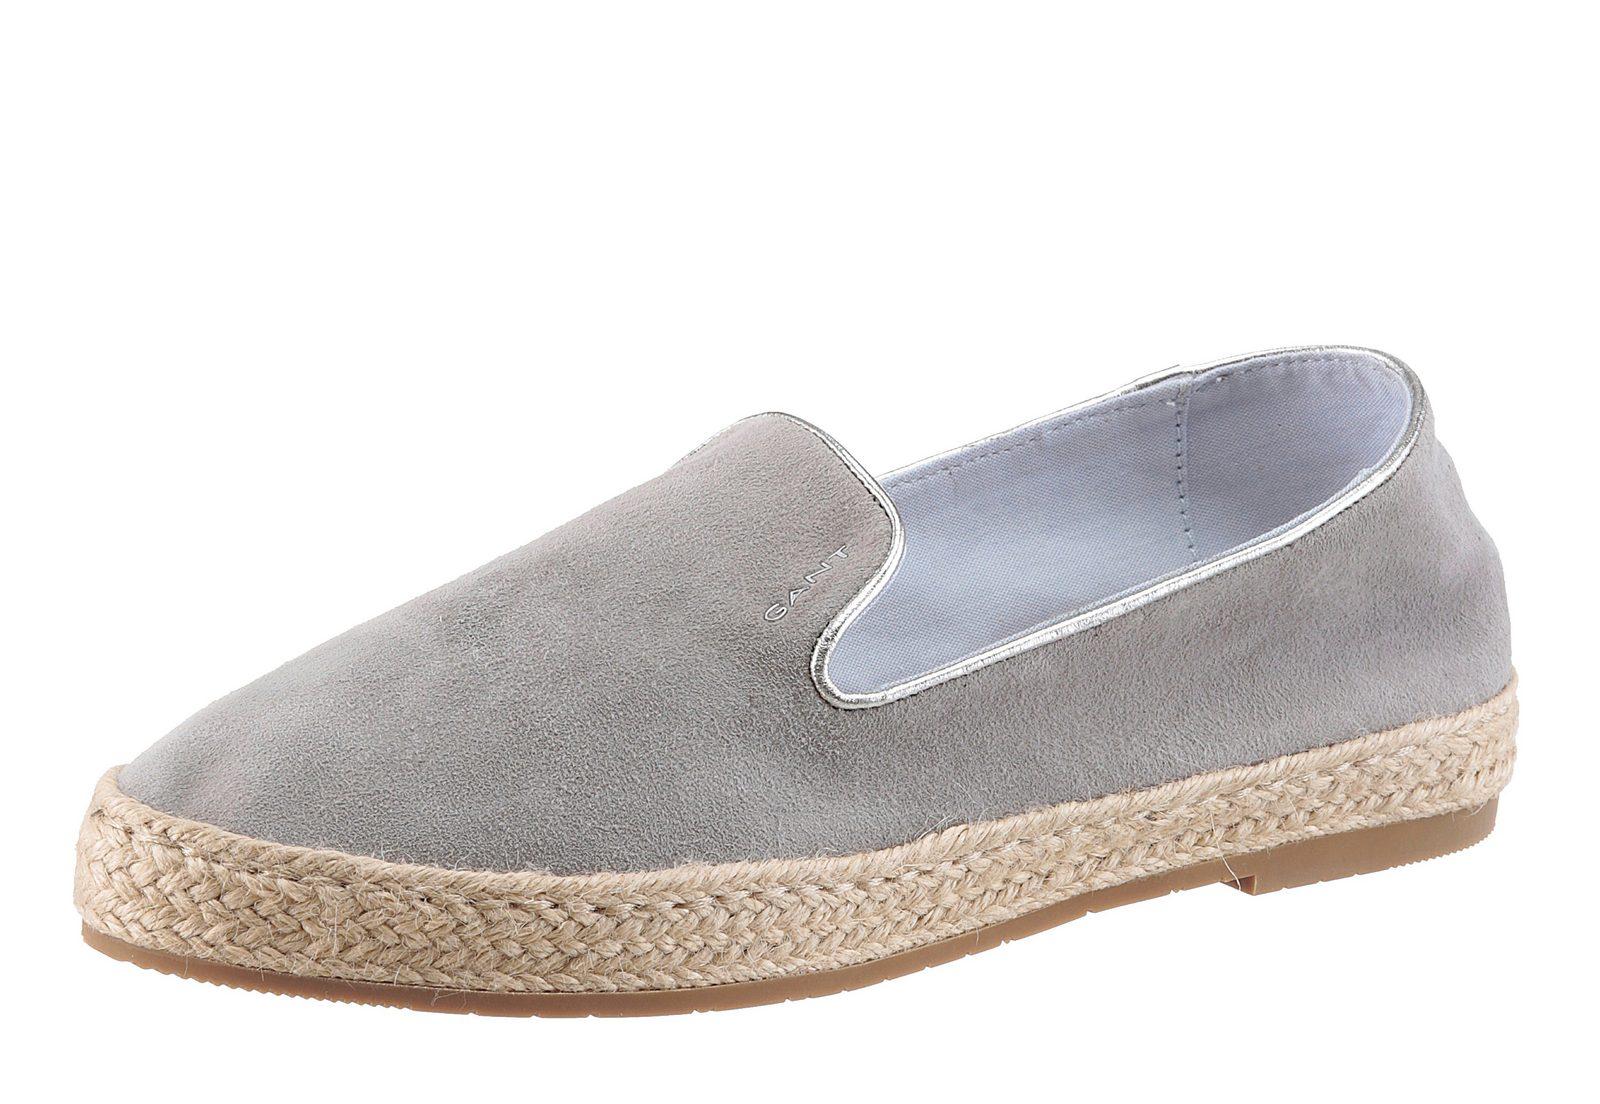 Gant Footwear Loafer, mit Jutebesatz - broschei